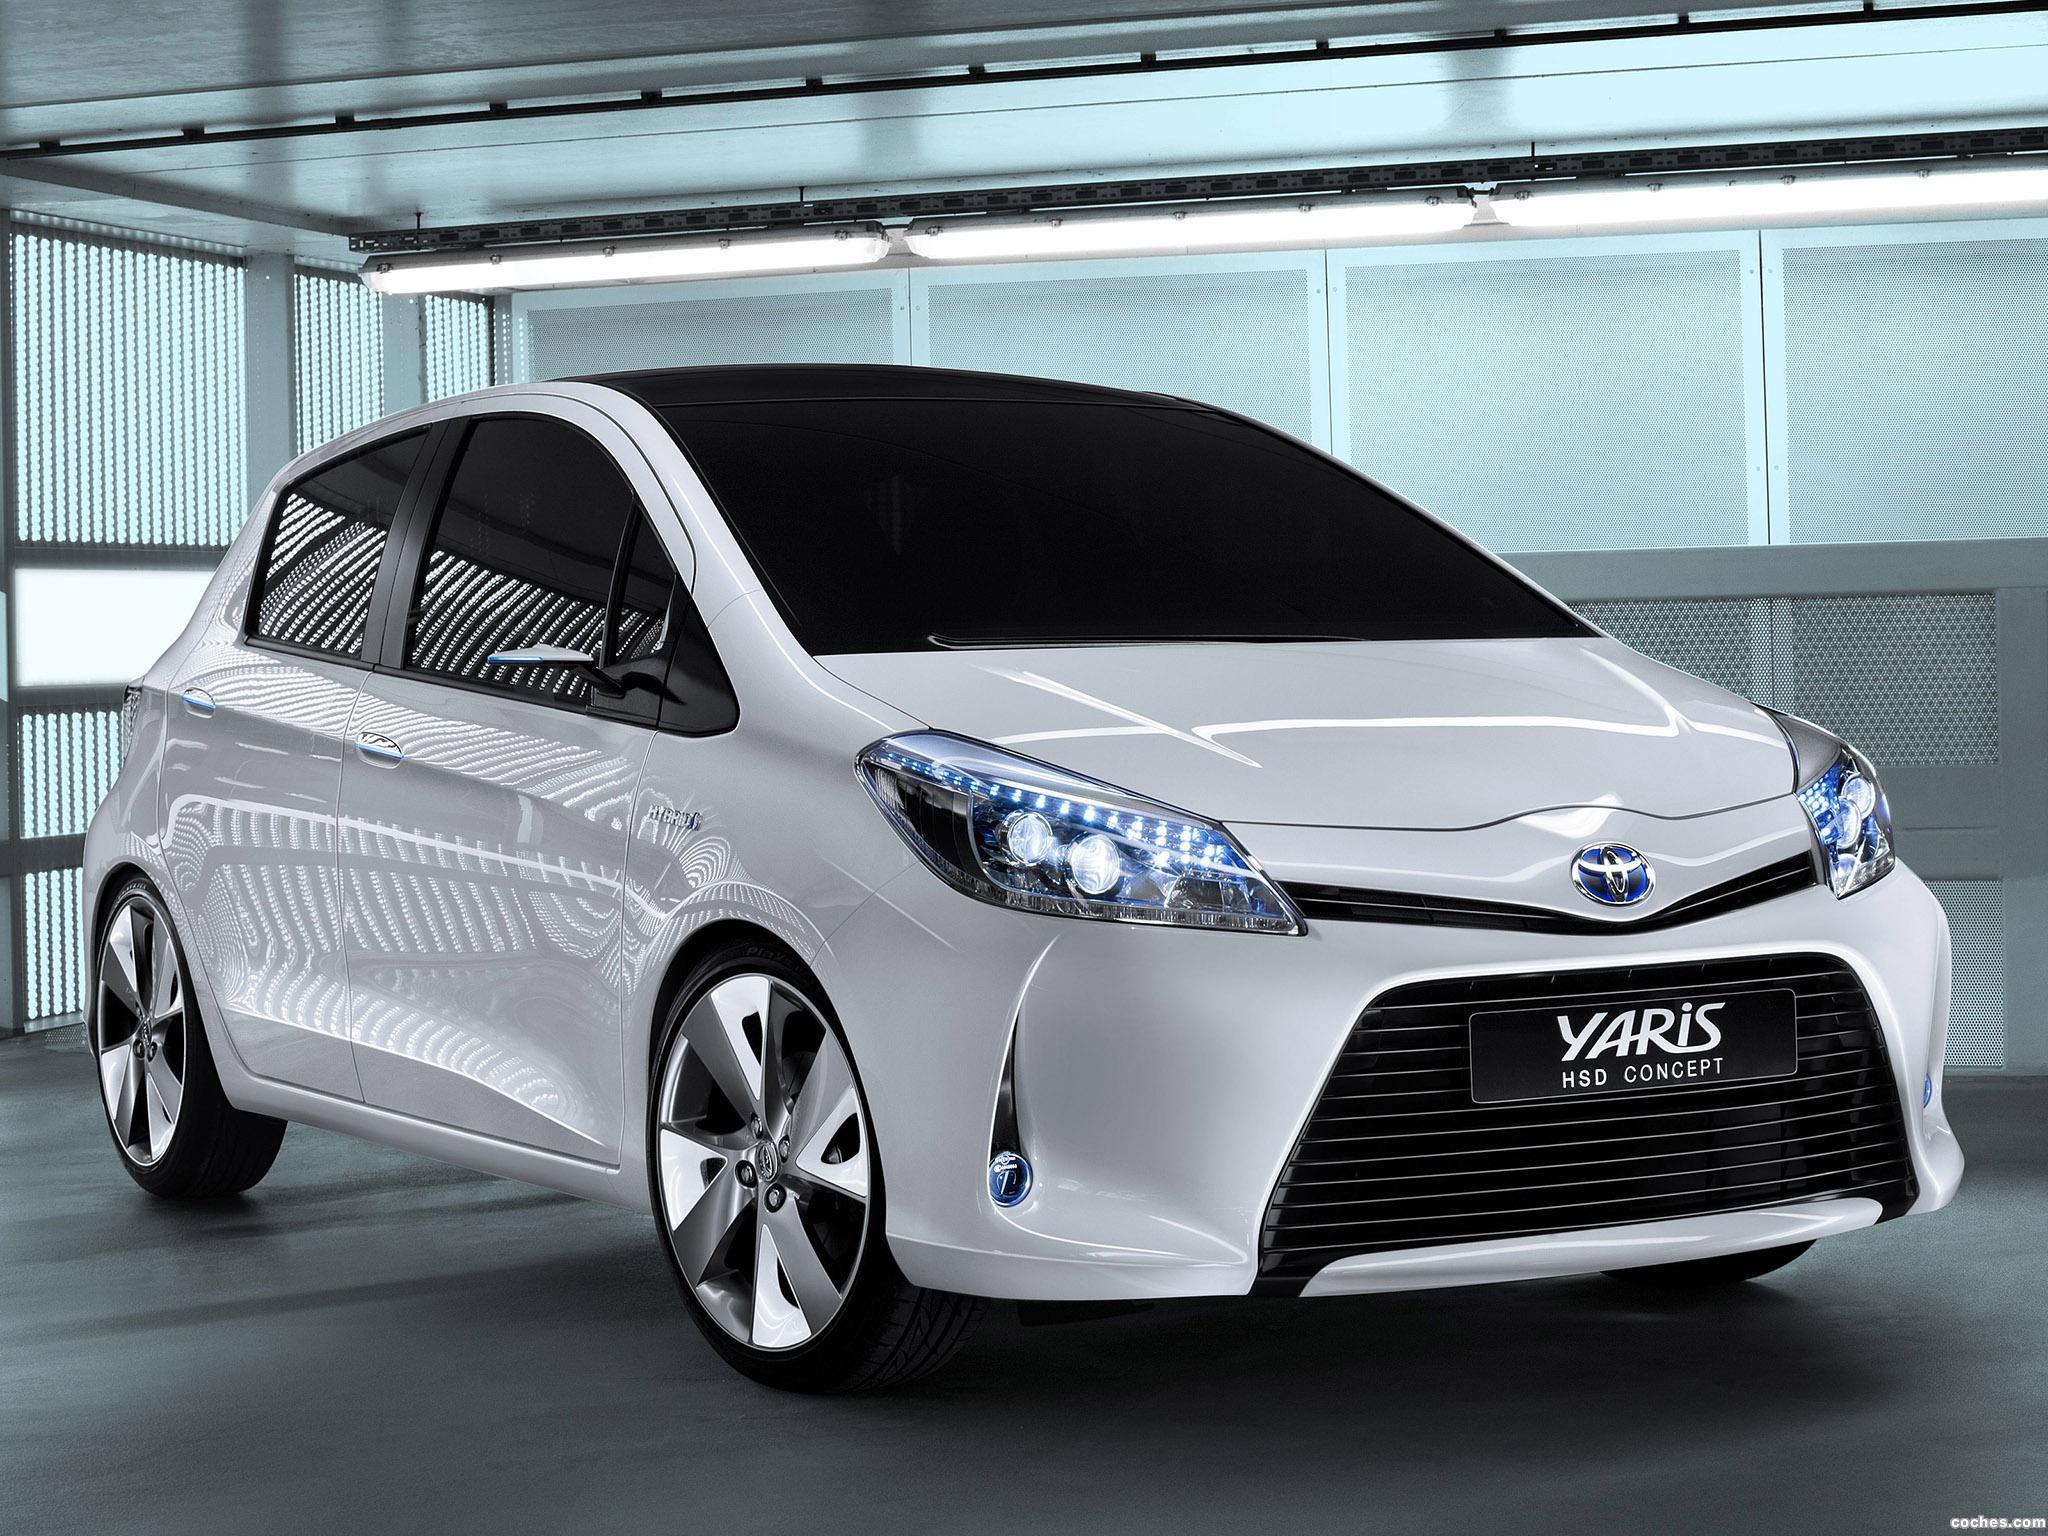 Foto 0 de Toyota Yaris HSD Concept 2011